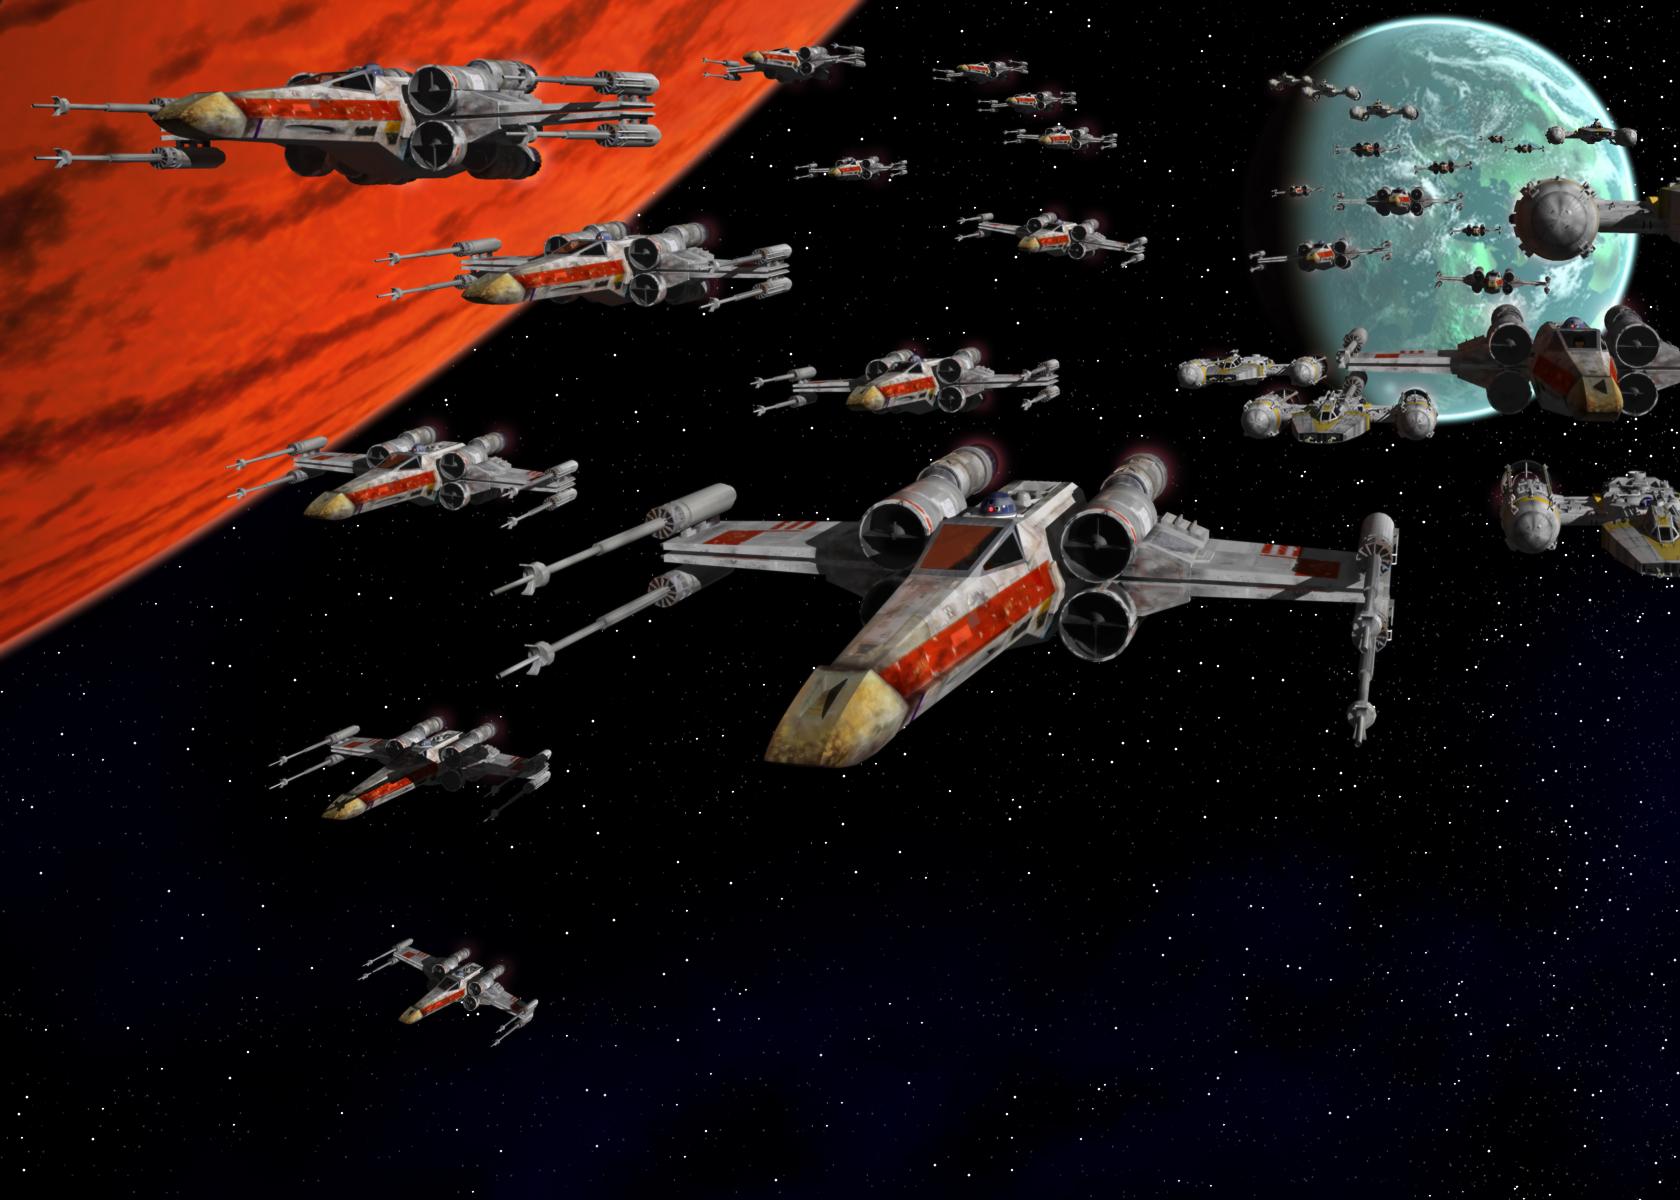 ... :: Star Wars :: Movie_Star_Wars_29186